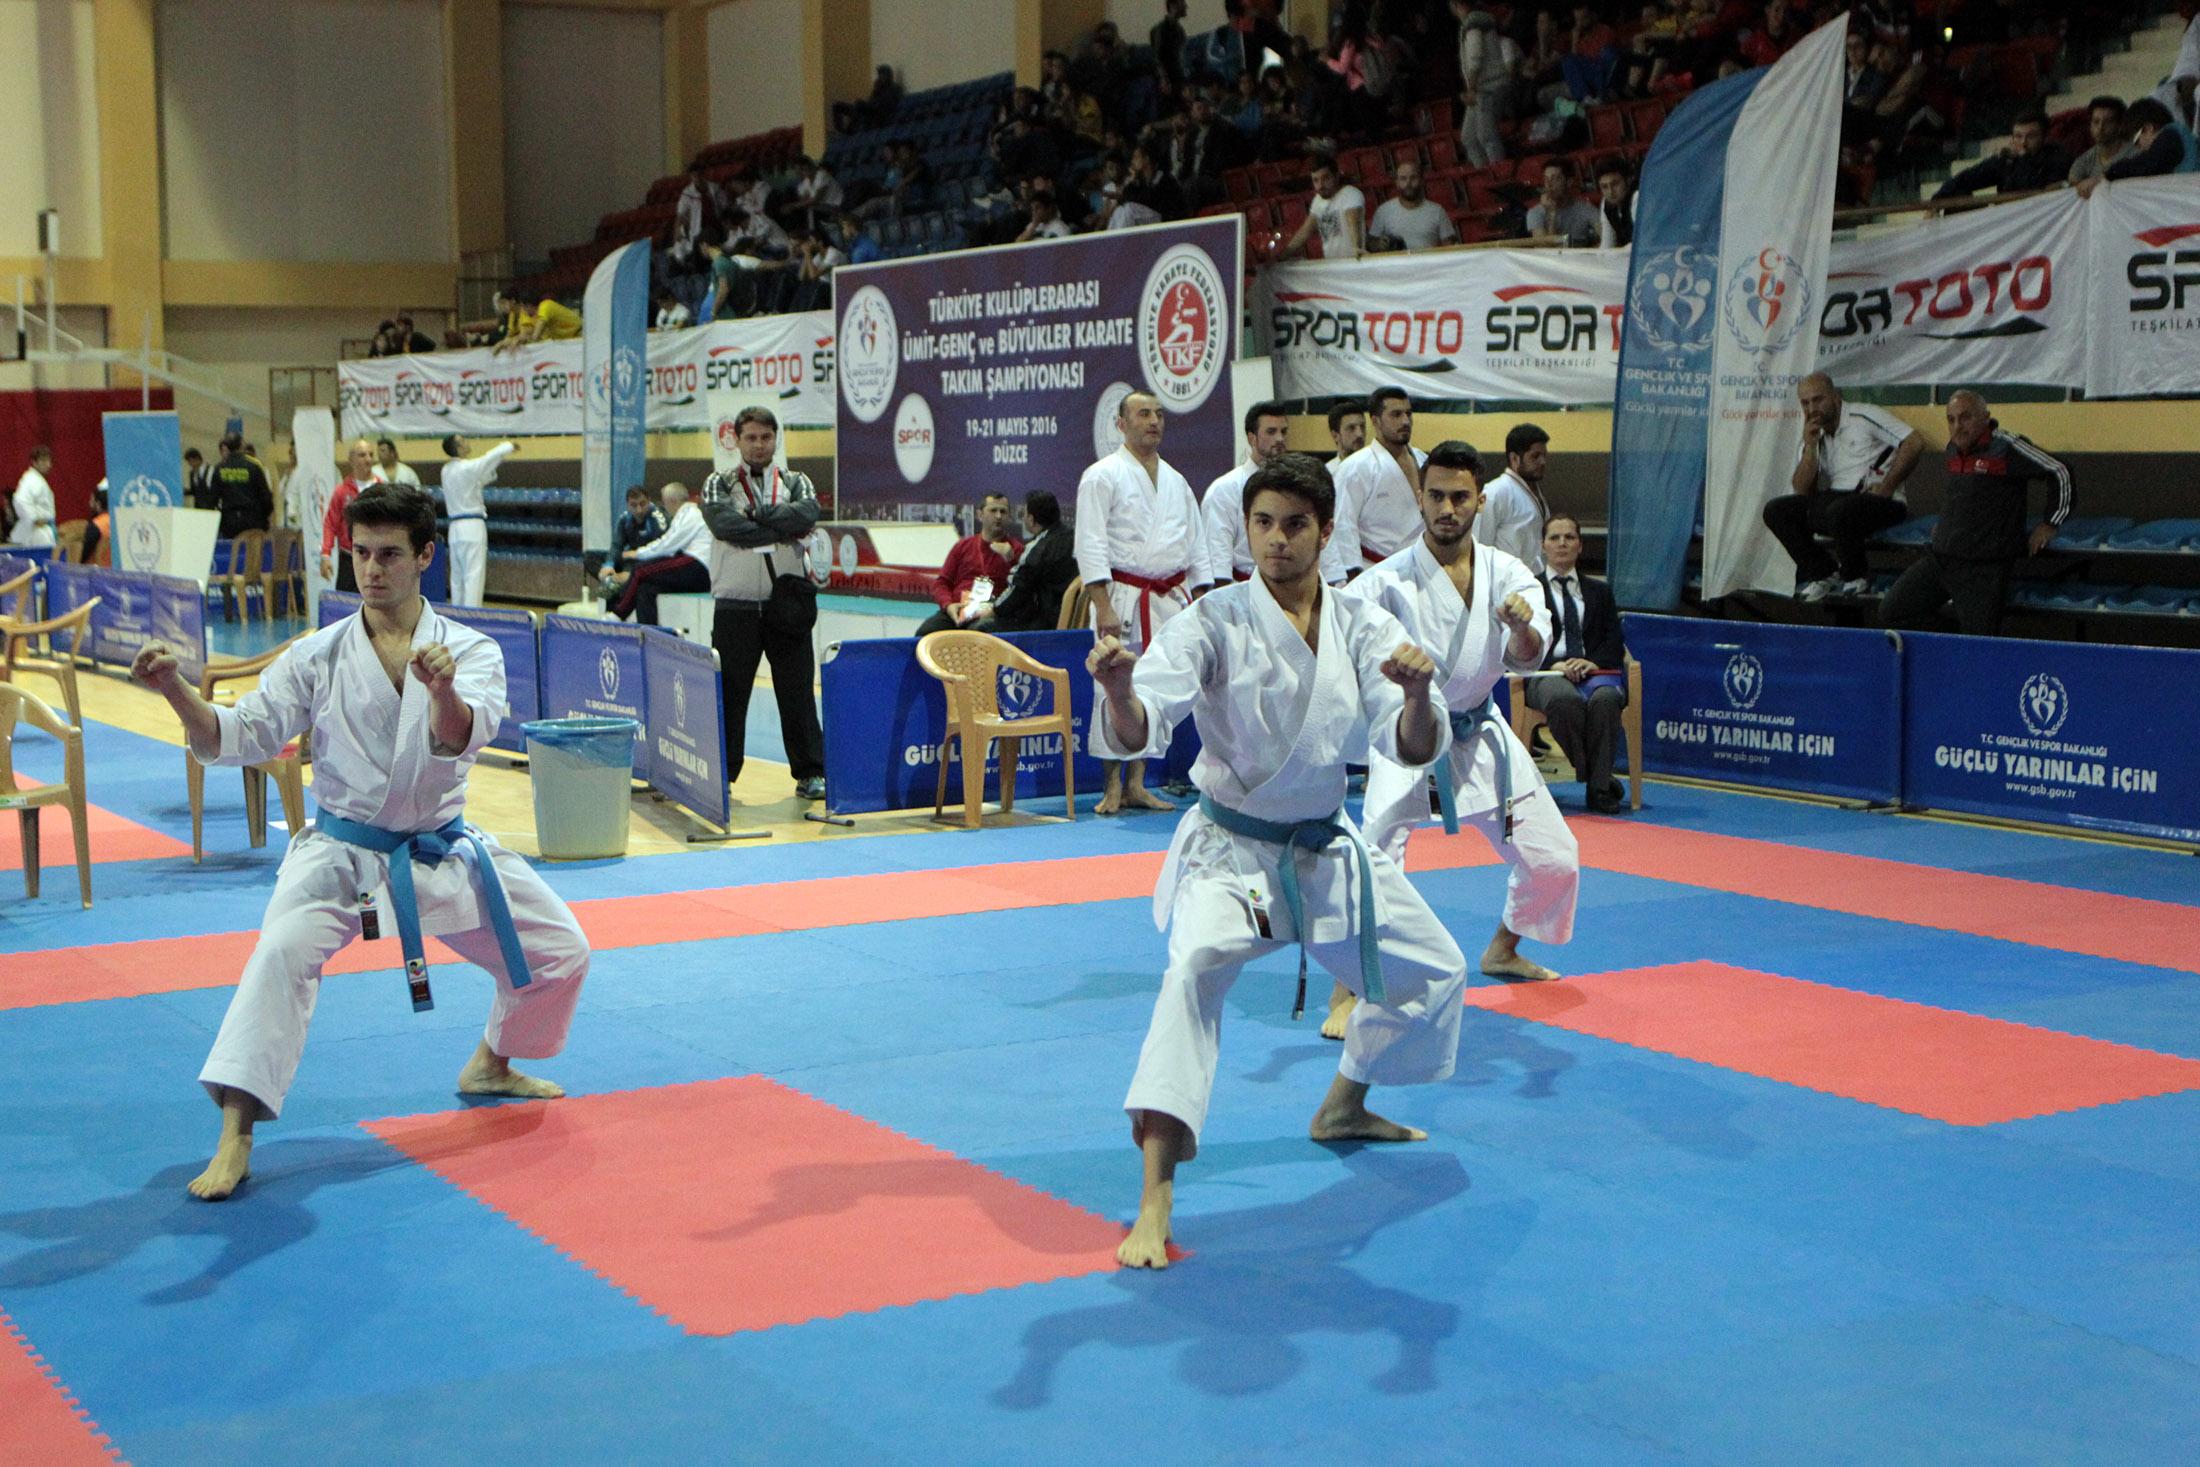 Karate Şampiyonası'nda sabah seansı bitti!